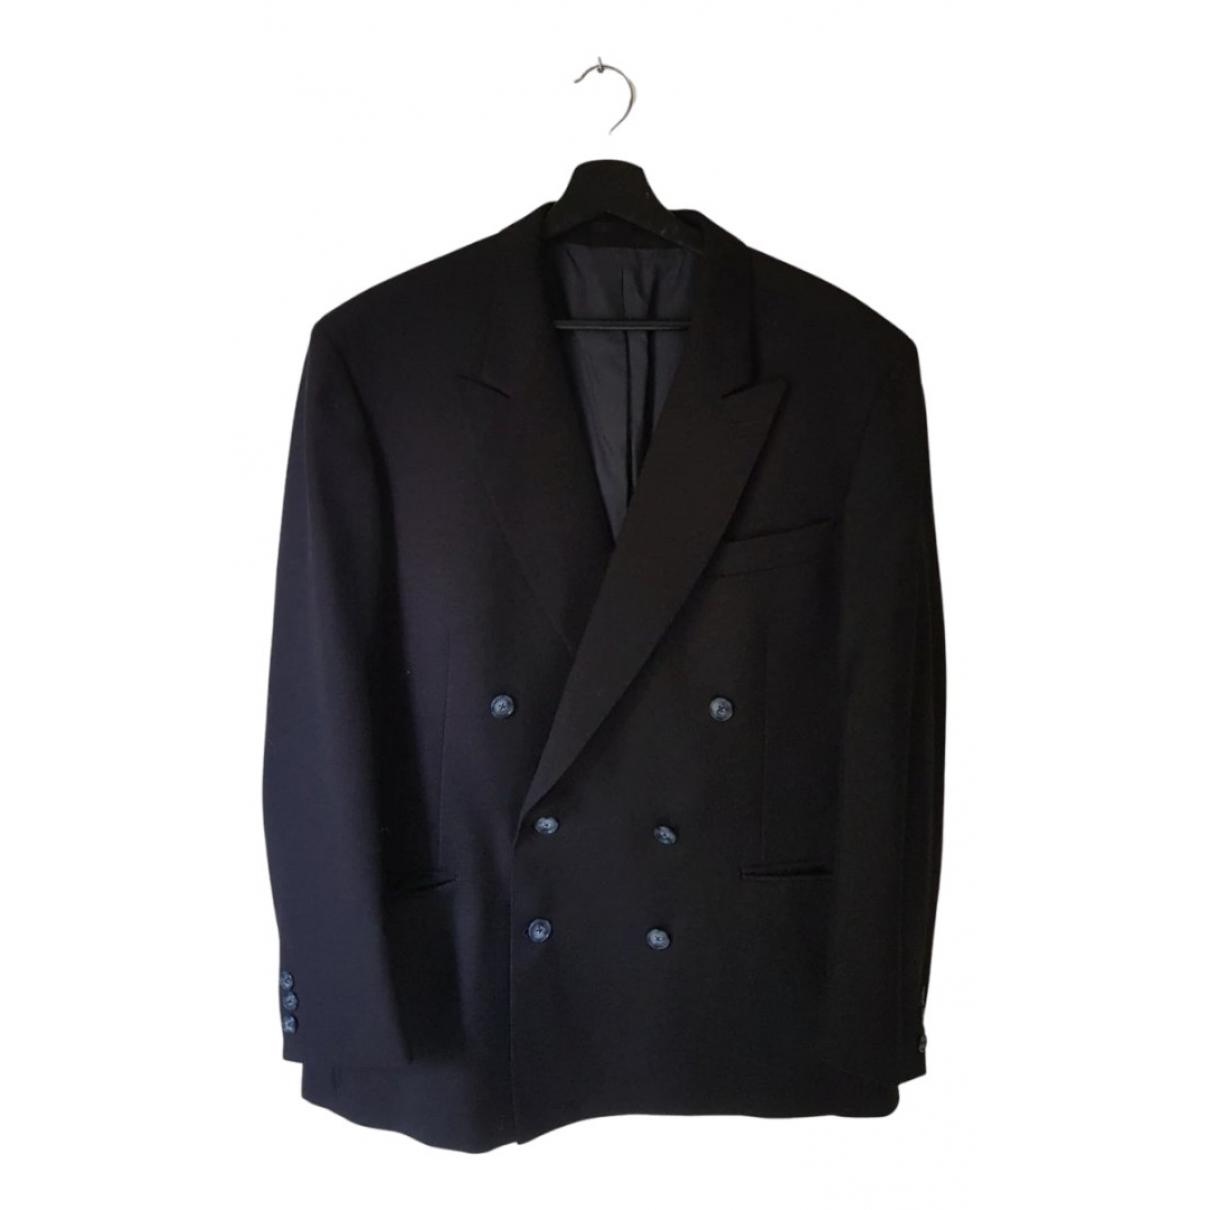 Pierre Cardin \N Anzuege in  Blau Wolle